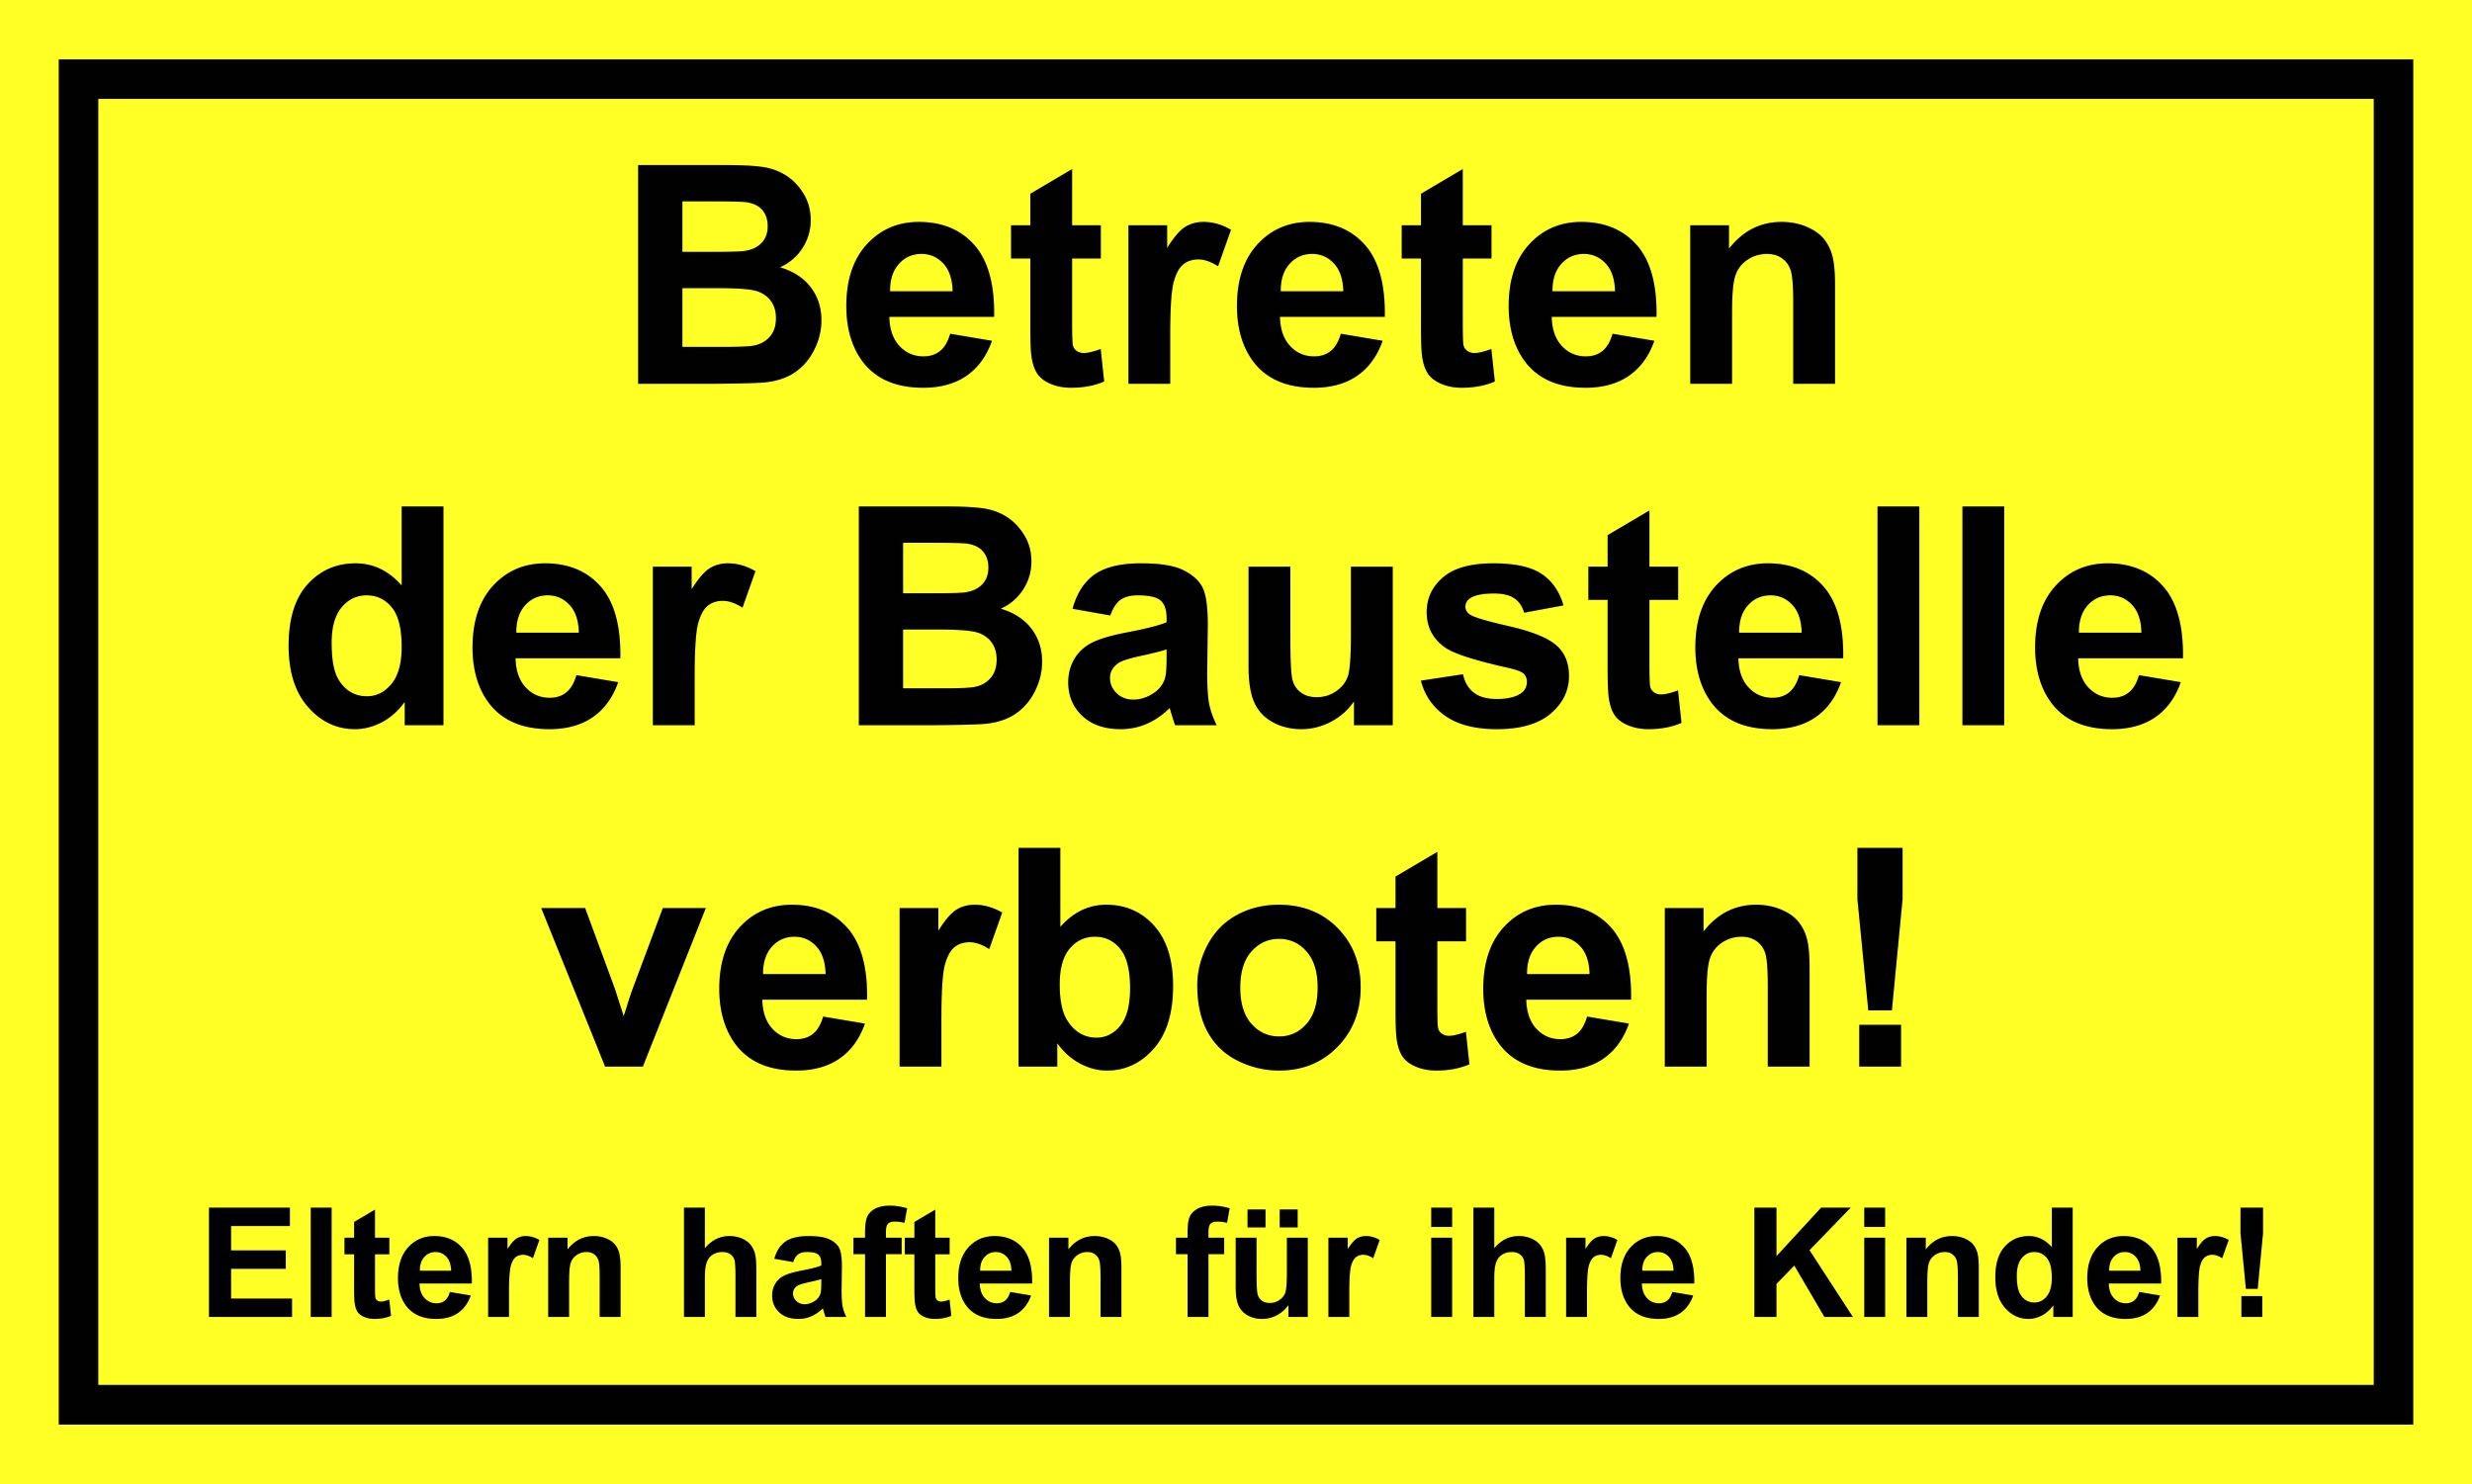 Betreten der Baustelle verboten! Eltern haften für ihre Kinder! 150 x 250 mm Warn- Hinweis- und Verbotsschild PST-Kunststoff – Bild 1